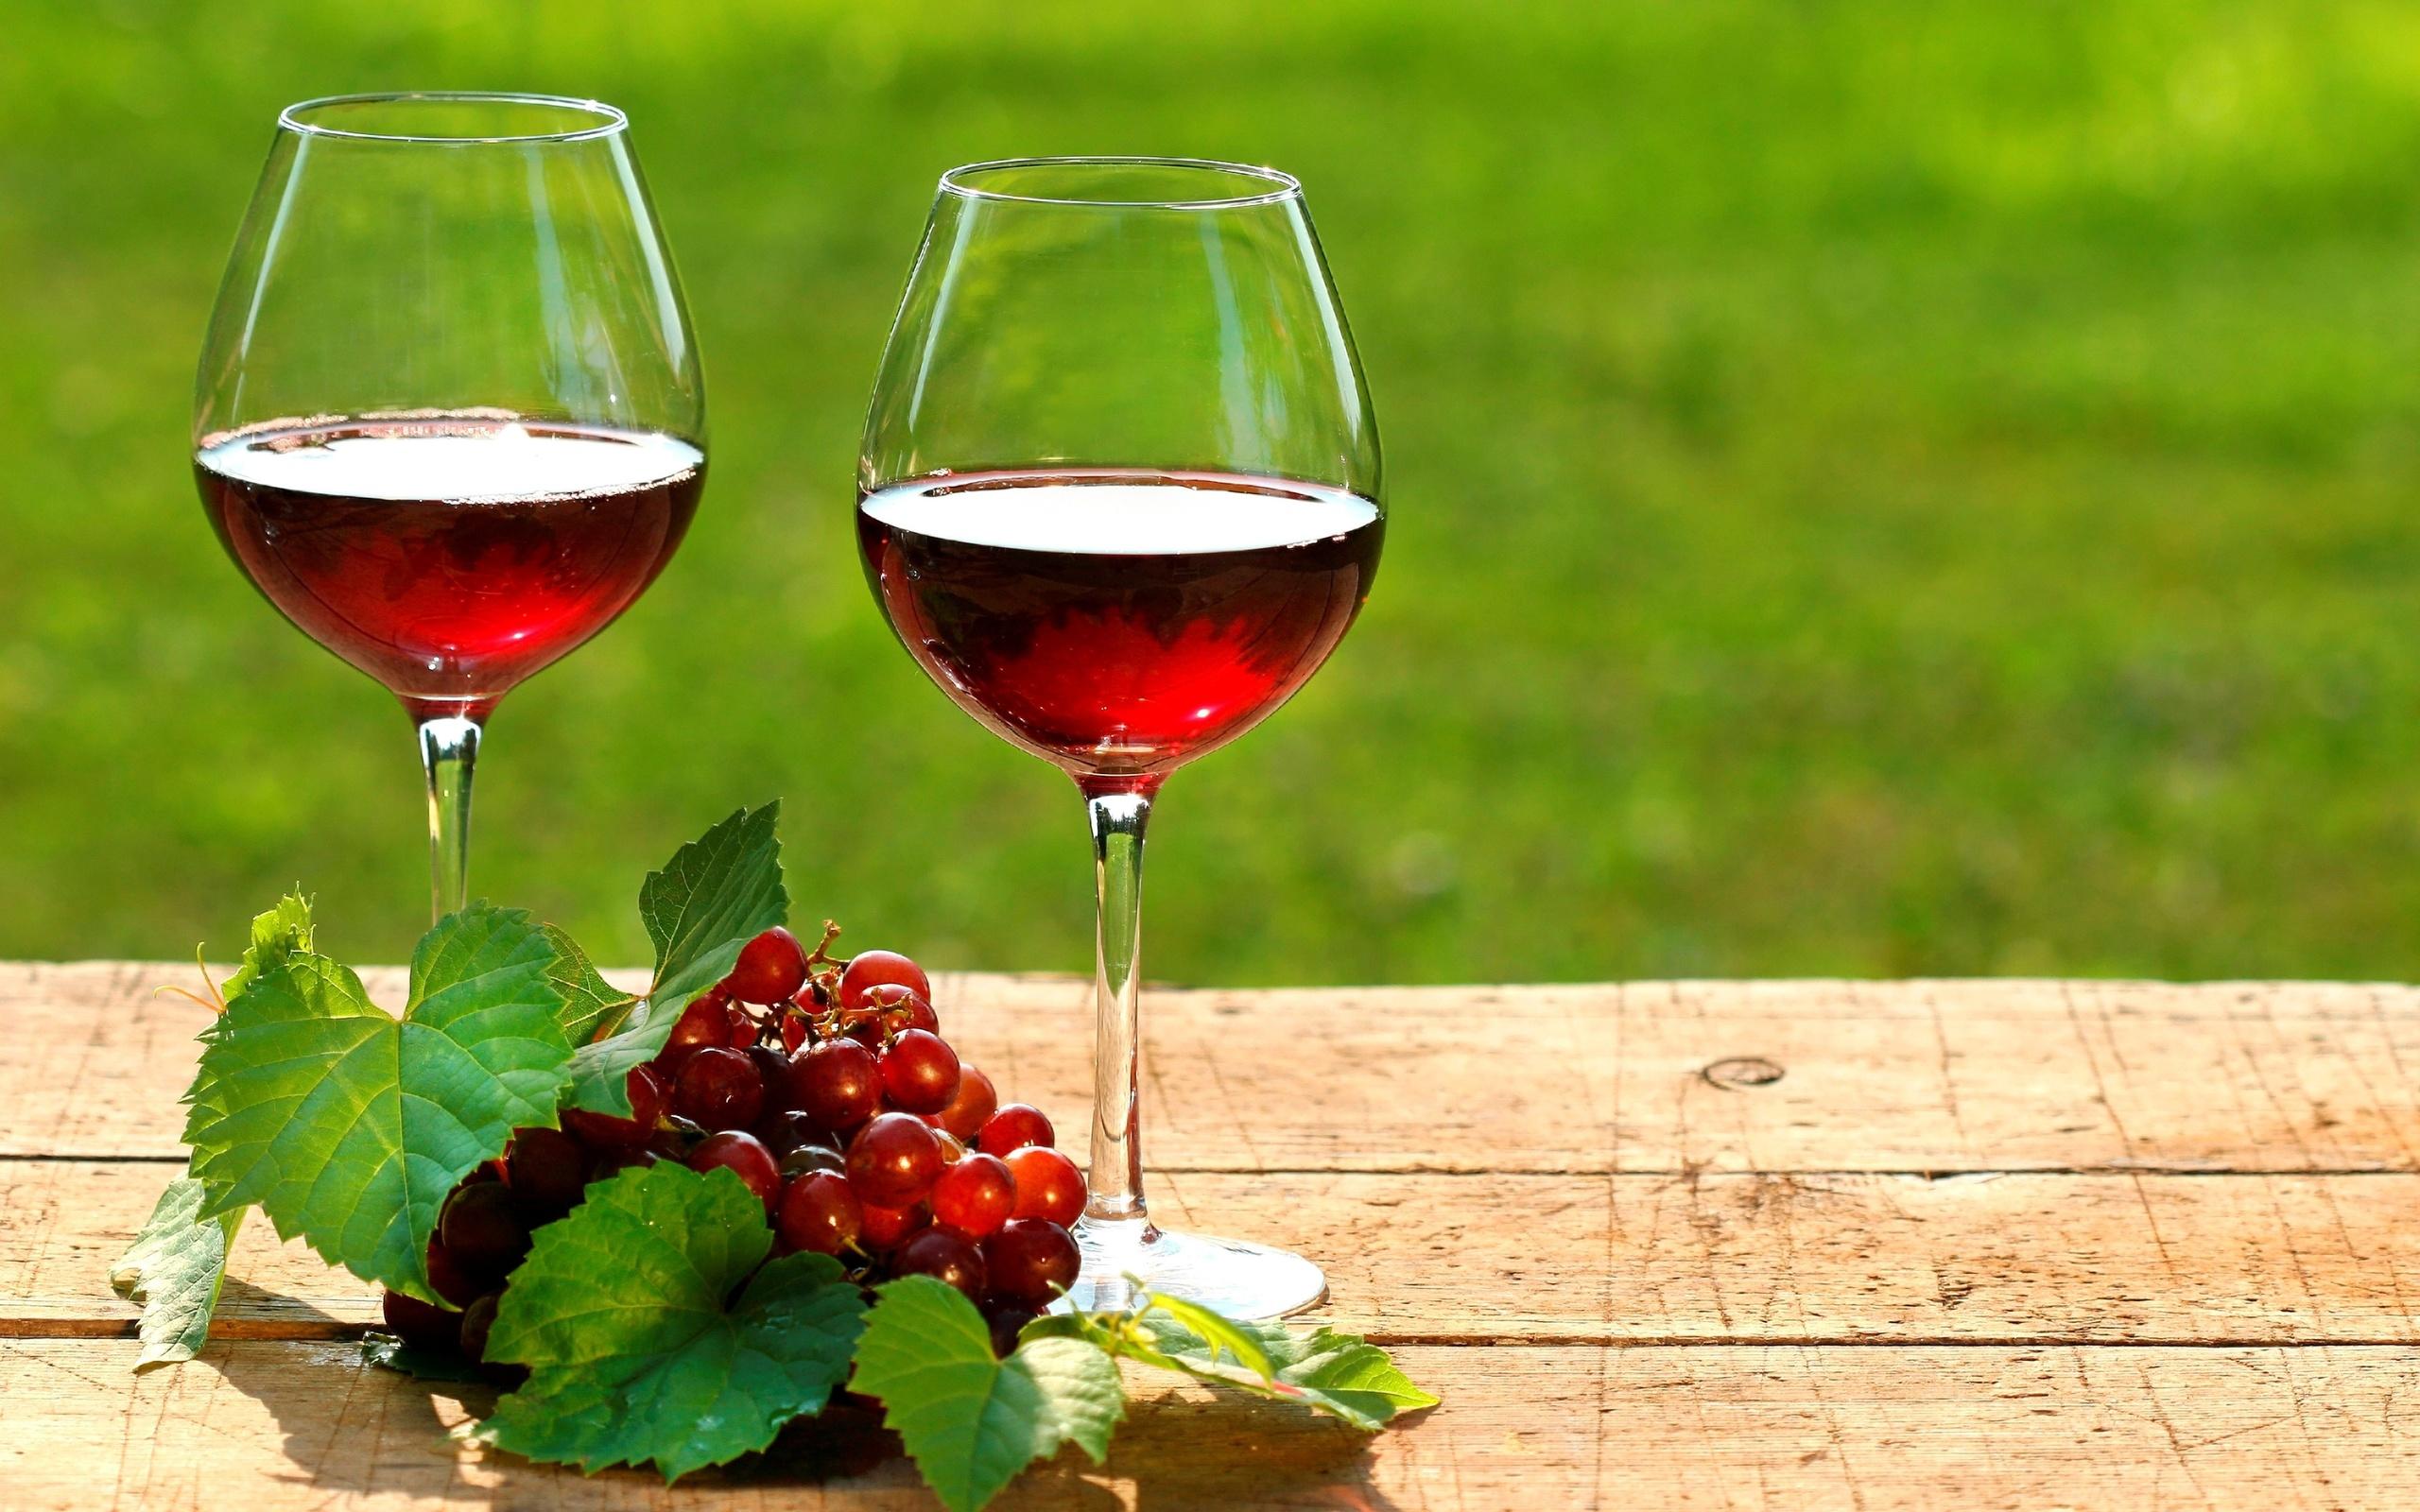 Картинки с красным вином, открытки медведь